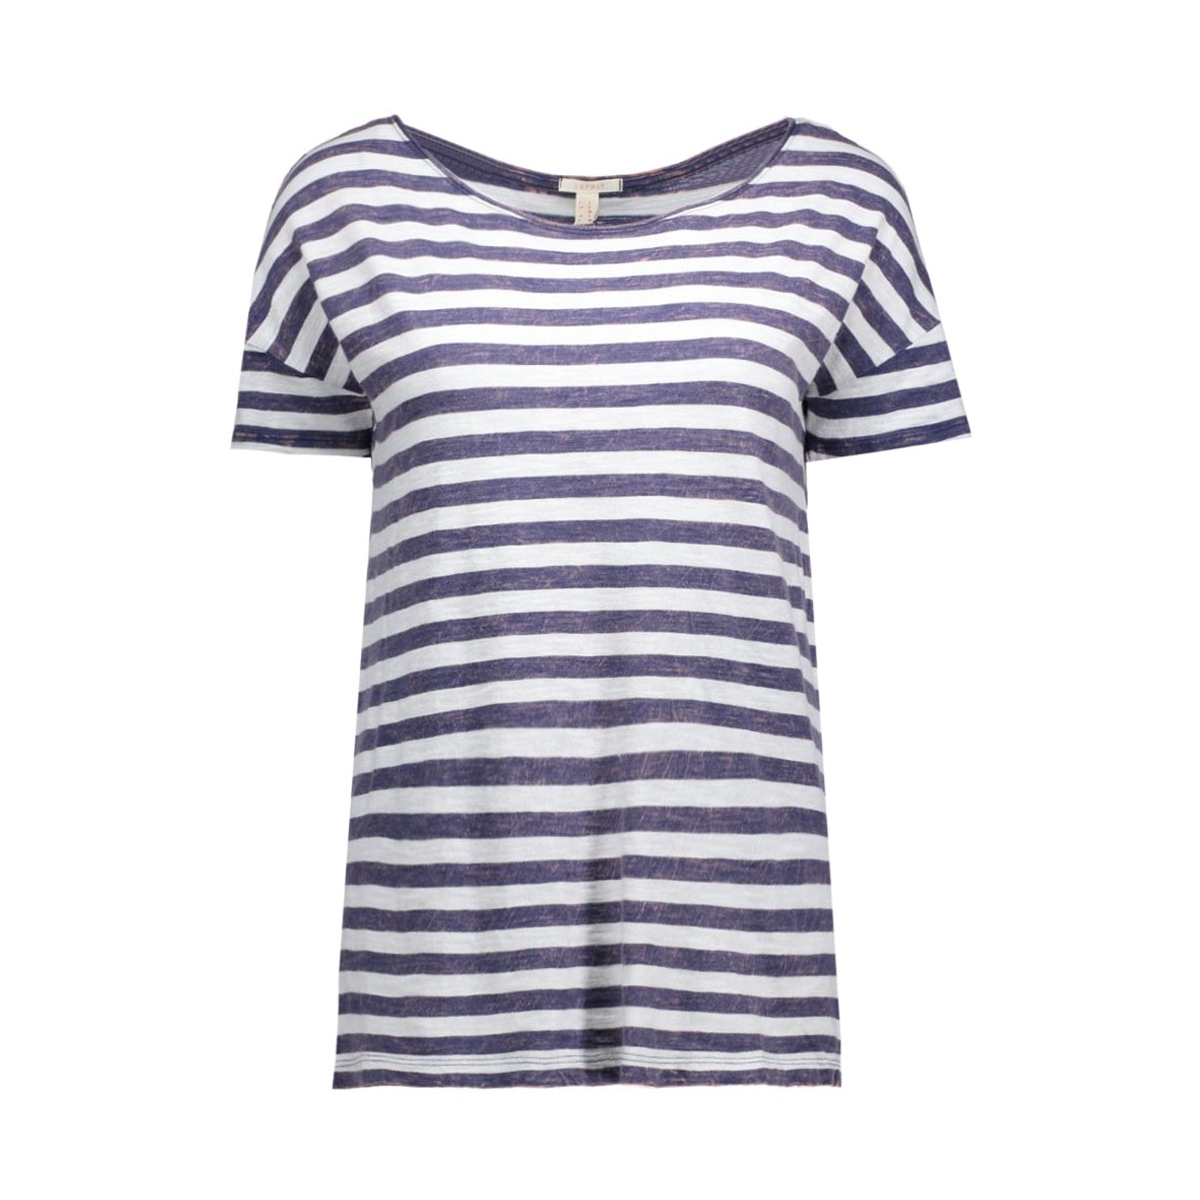 086ee1k019 esprit t-shirt e400